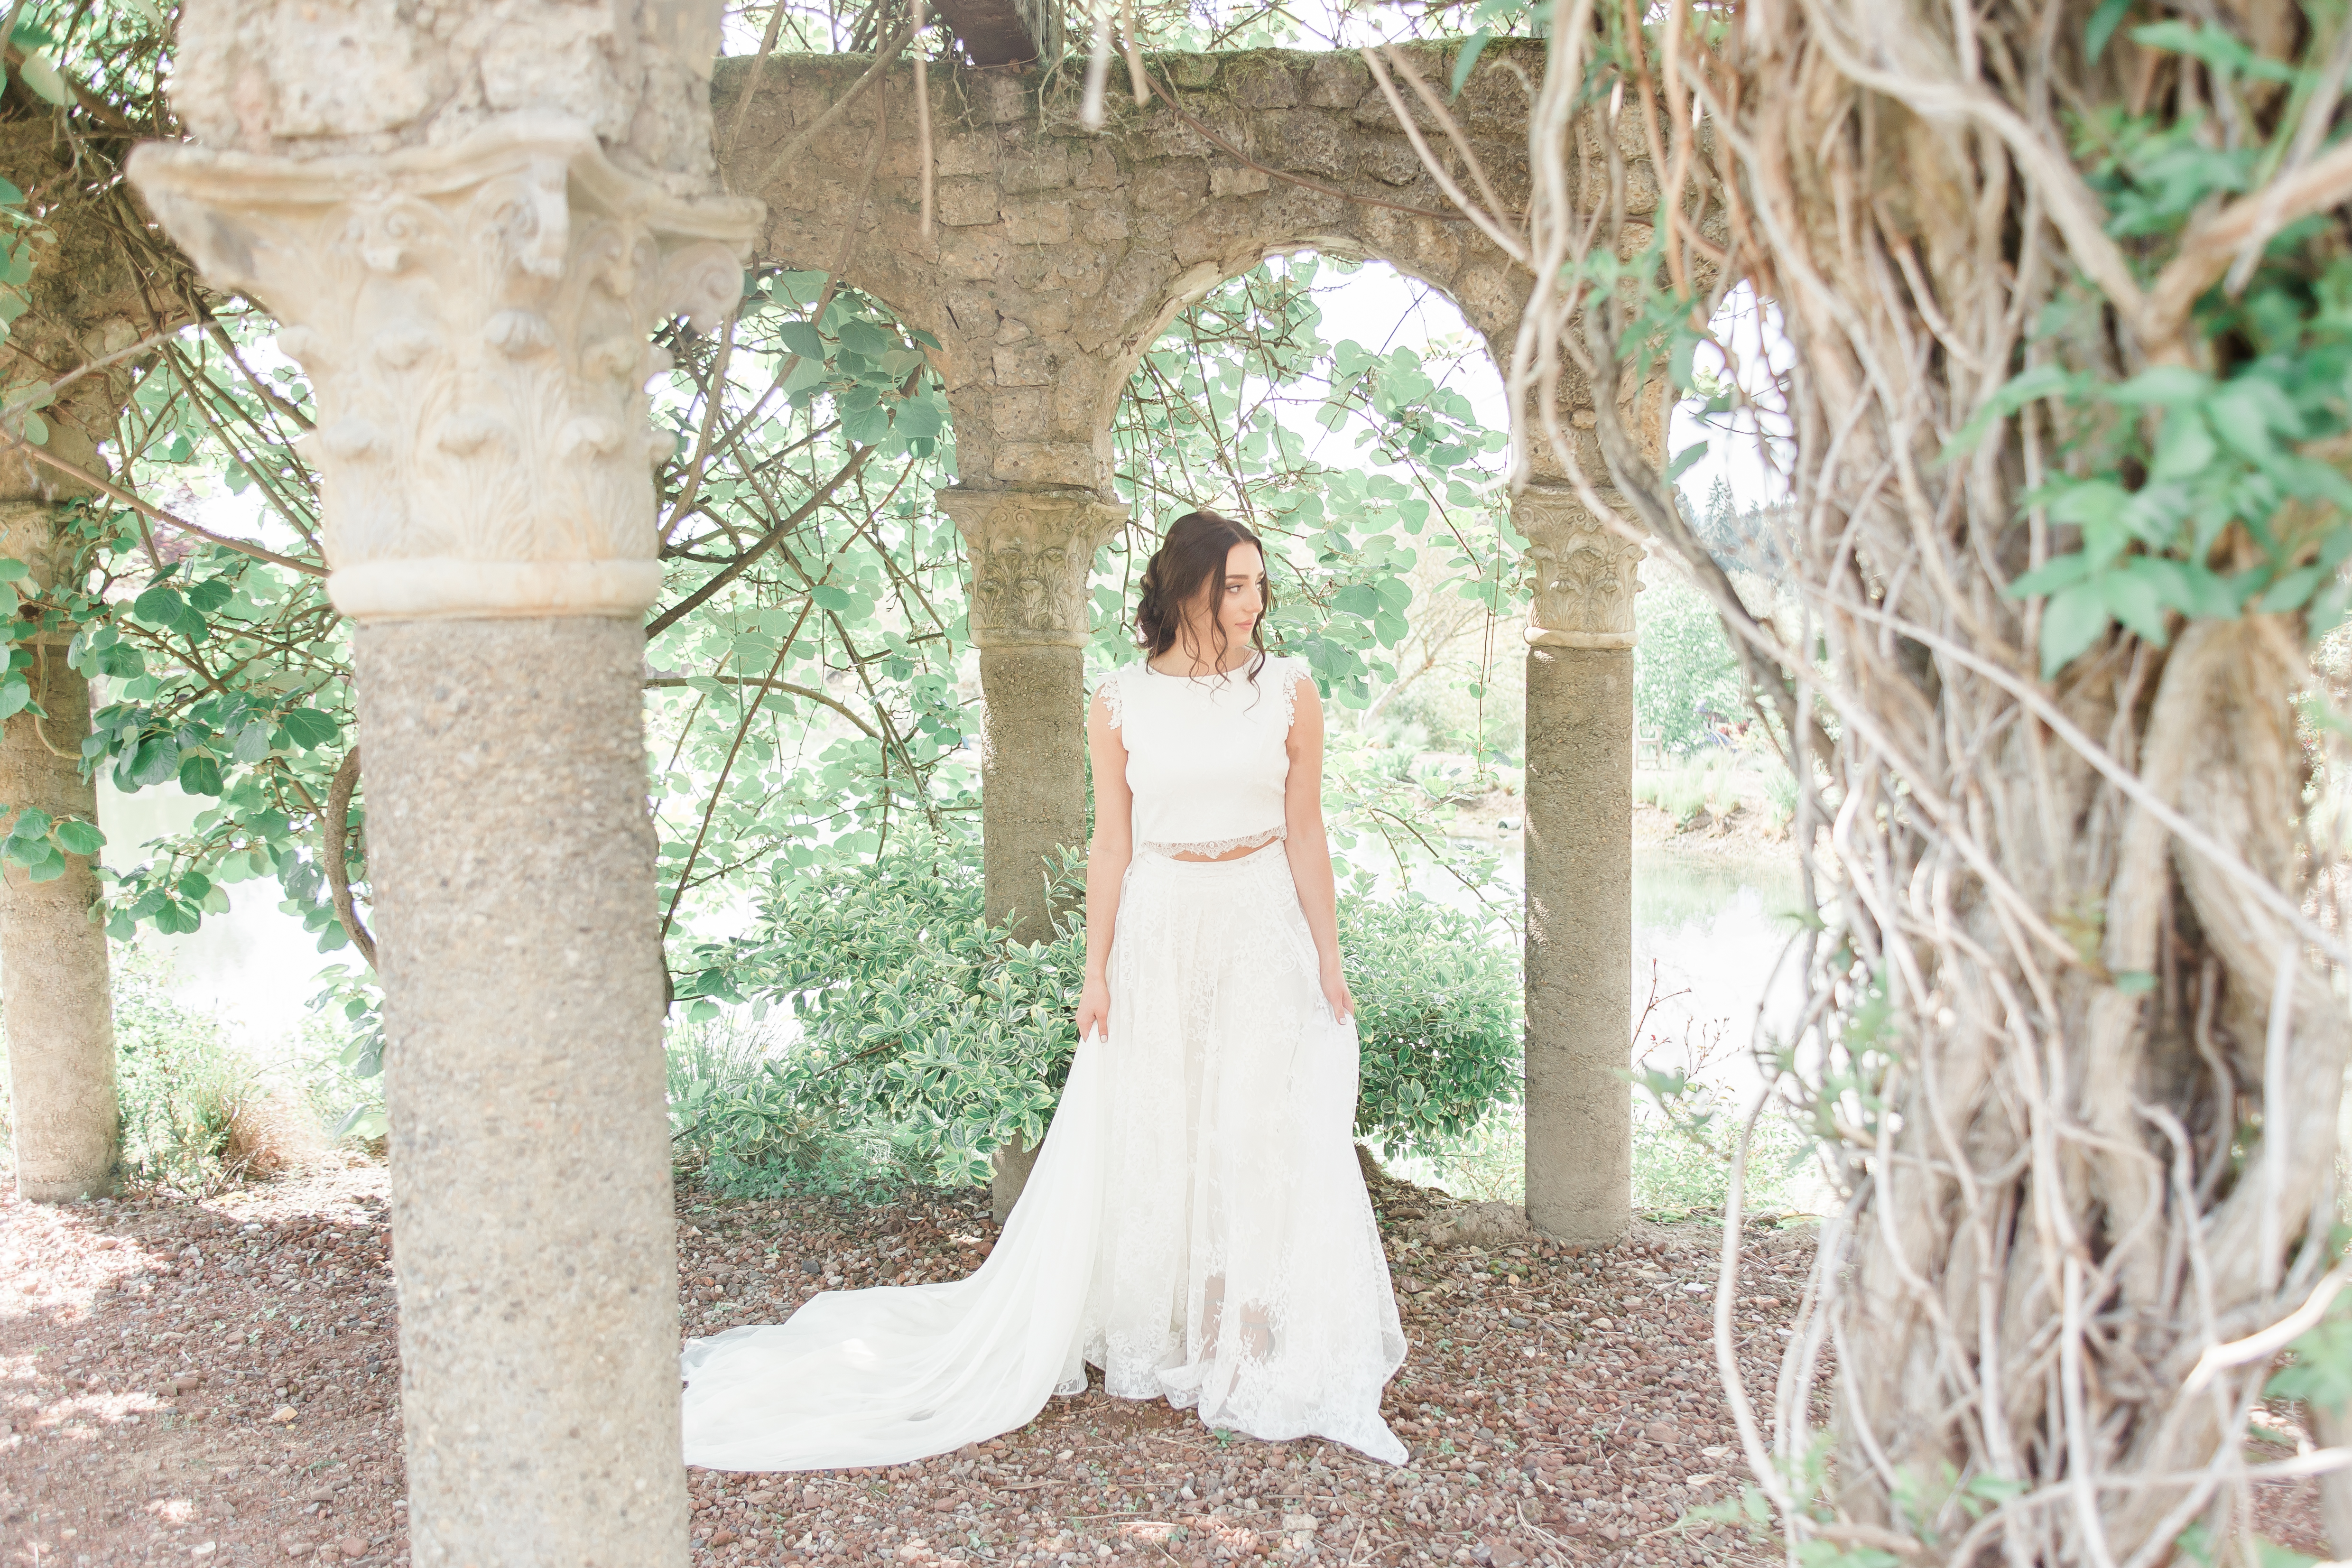 Romantic Glowing Bride